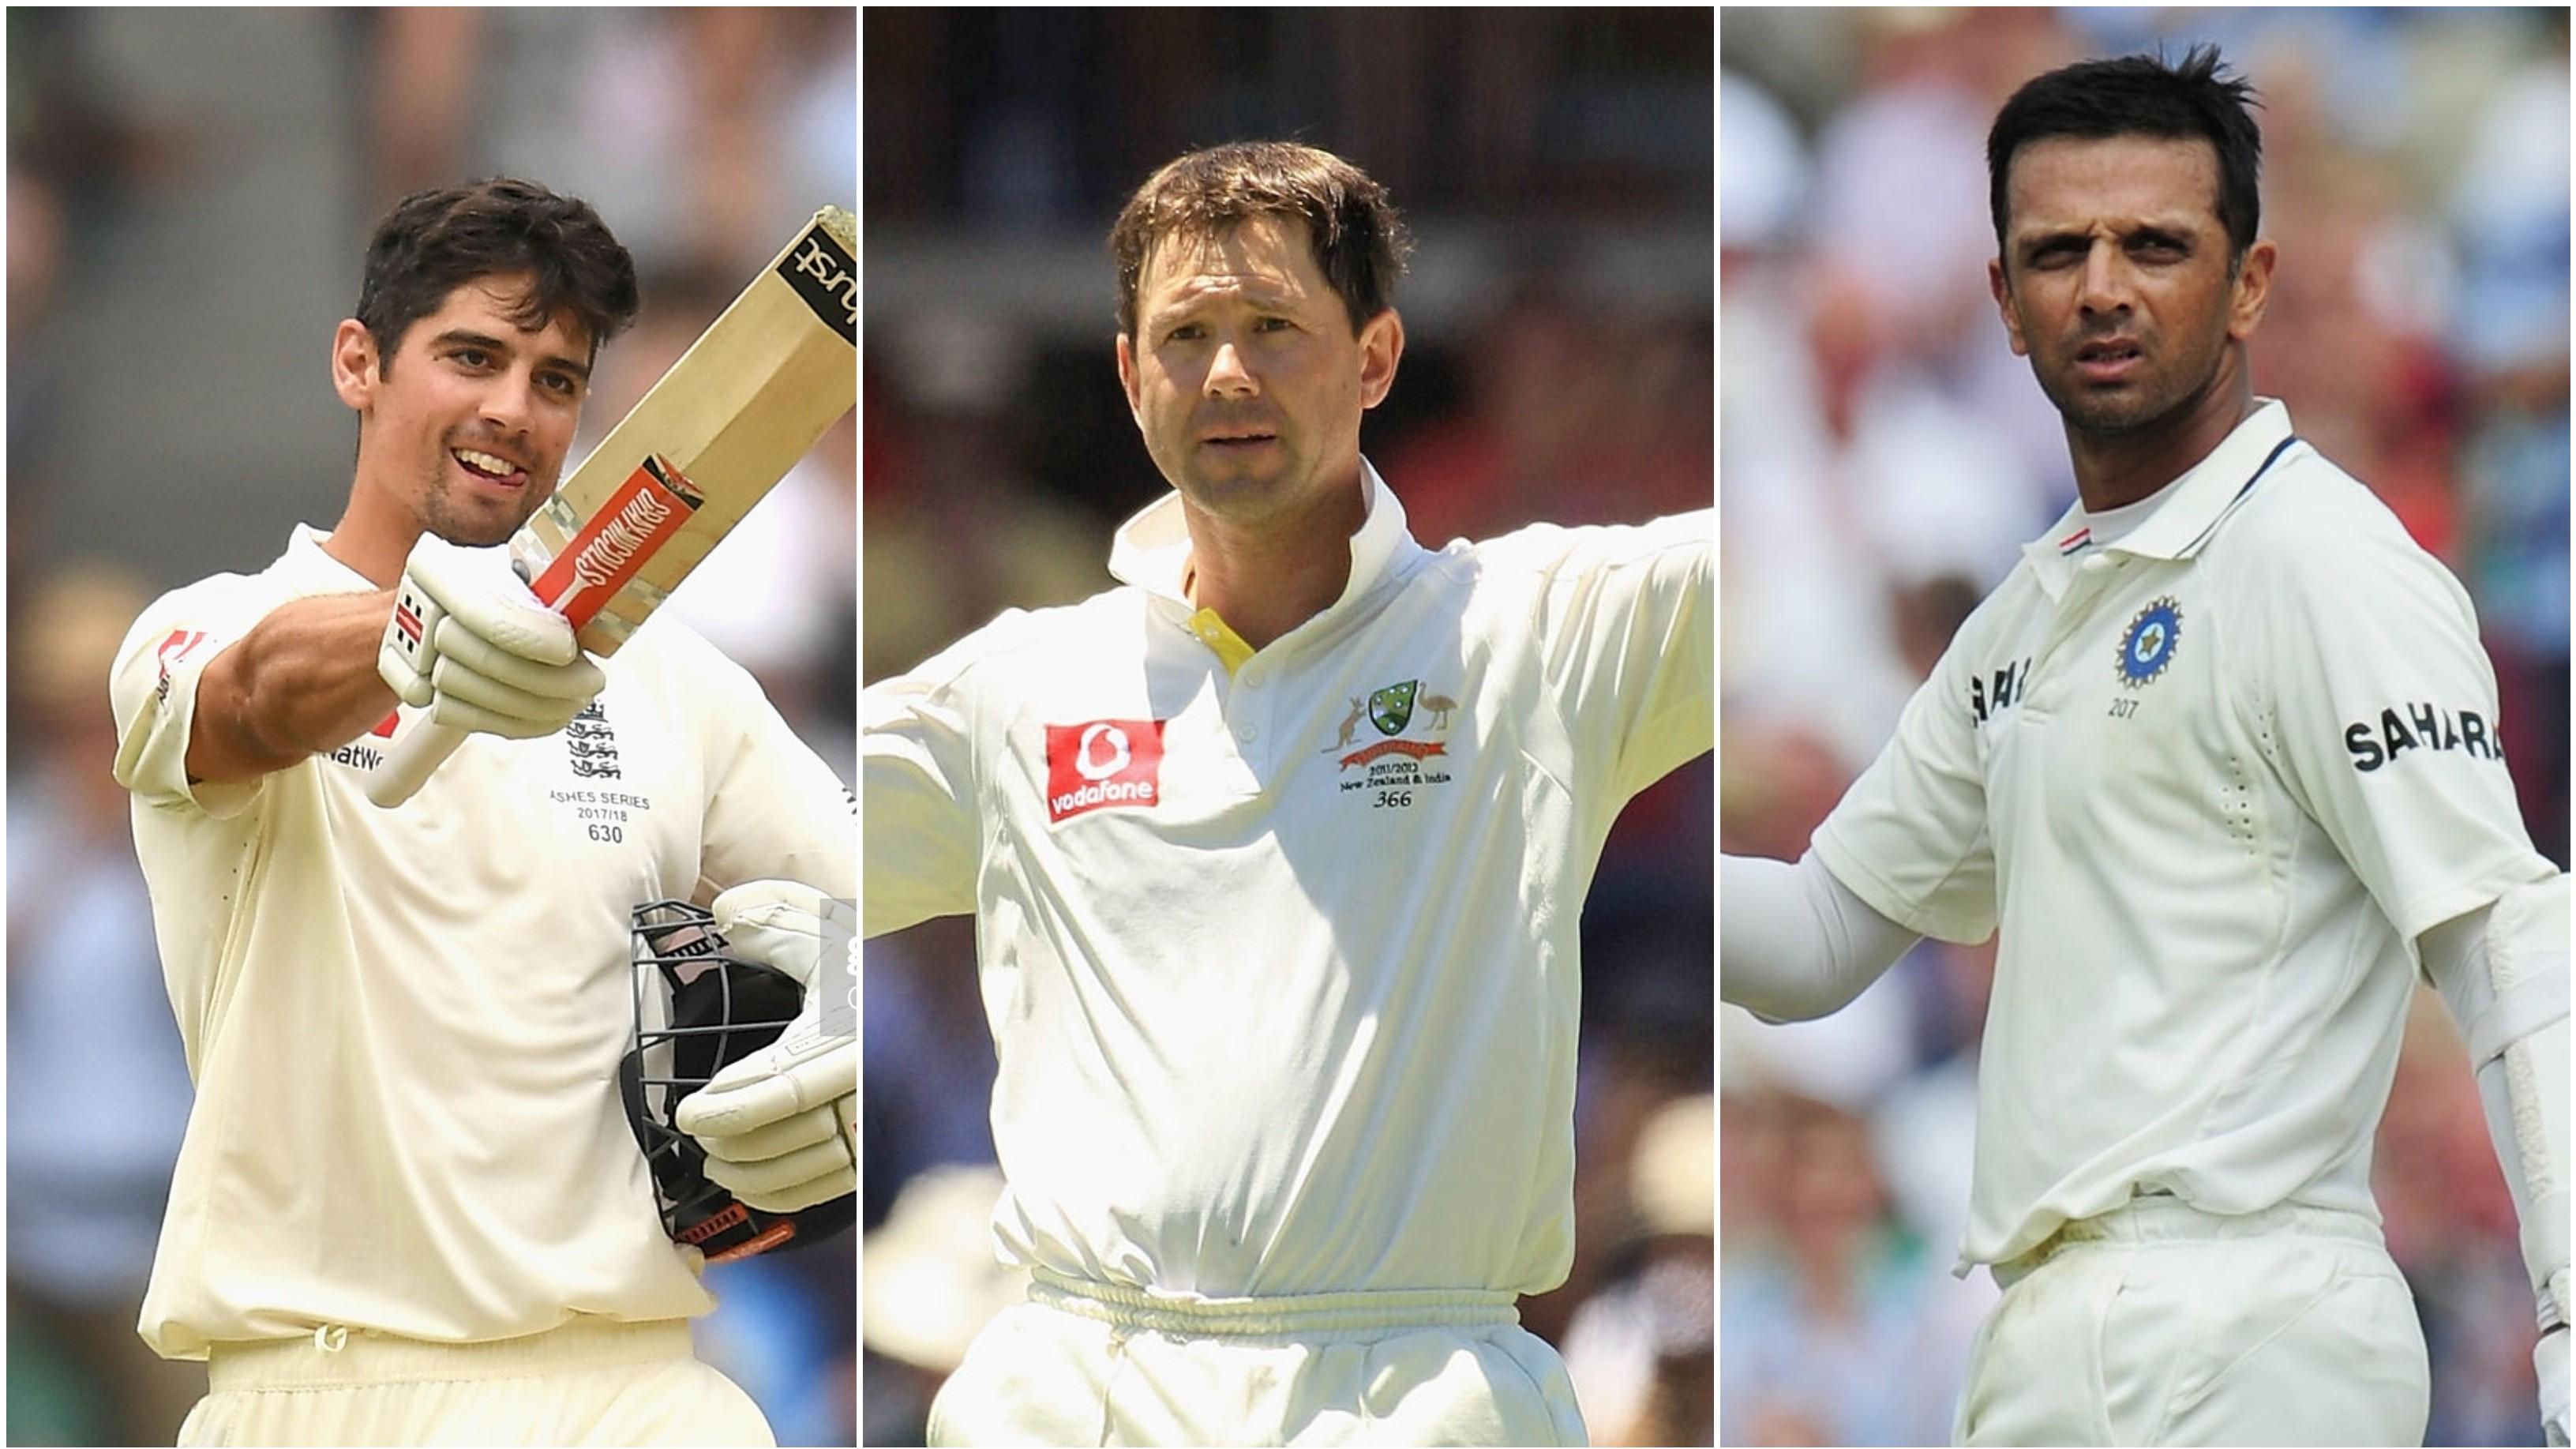 विश्व क्रिकेट के इन 5 महान बल्लेबाजों के नाम दर्ज है टेस्ट में सर्वाधिक रन, 2 भारतीय दिग्गज भी शामिल